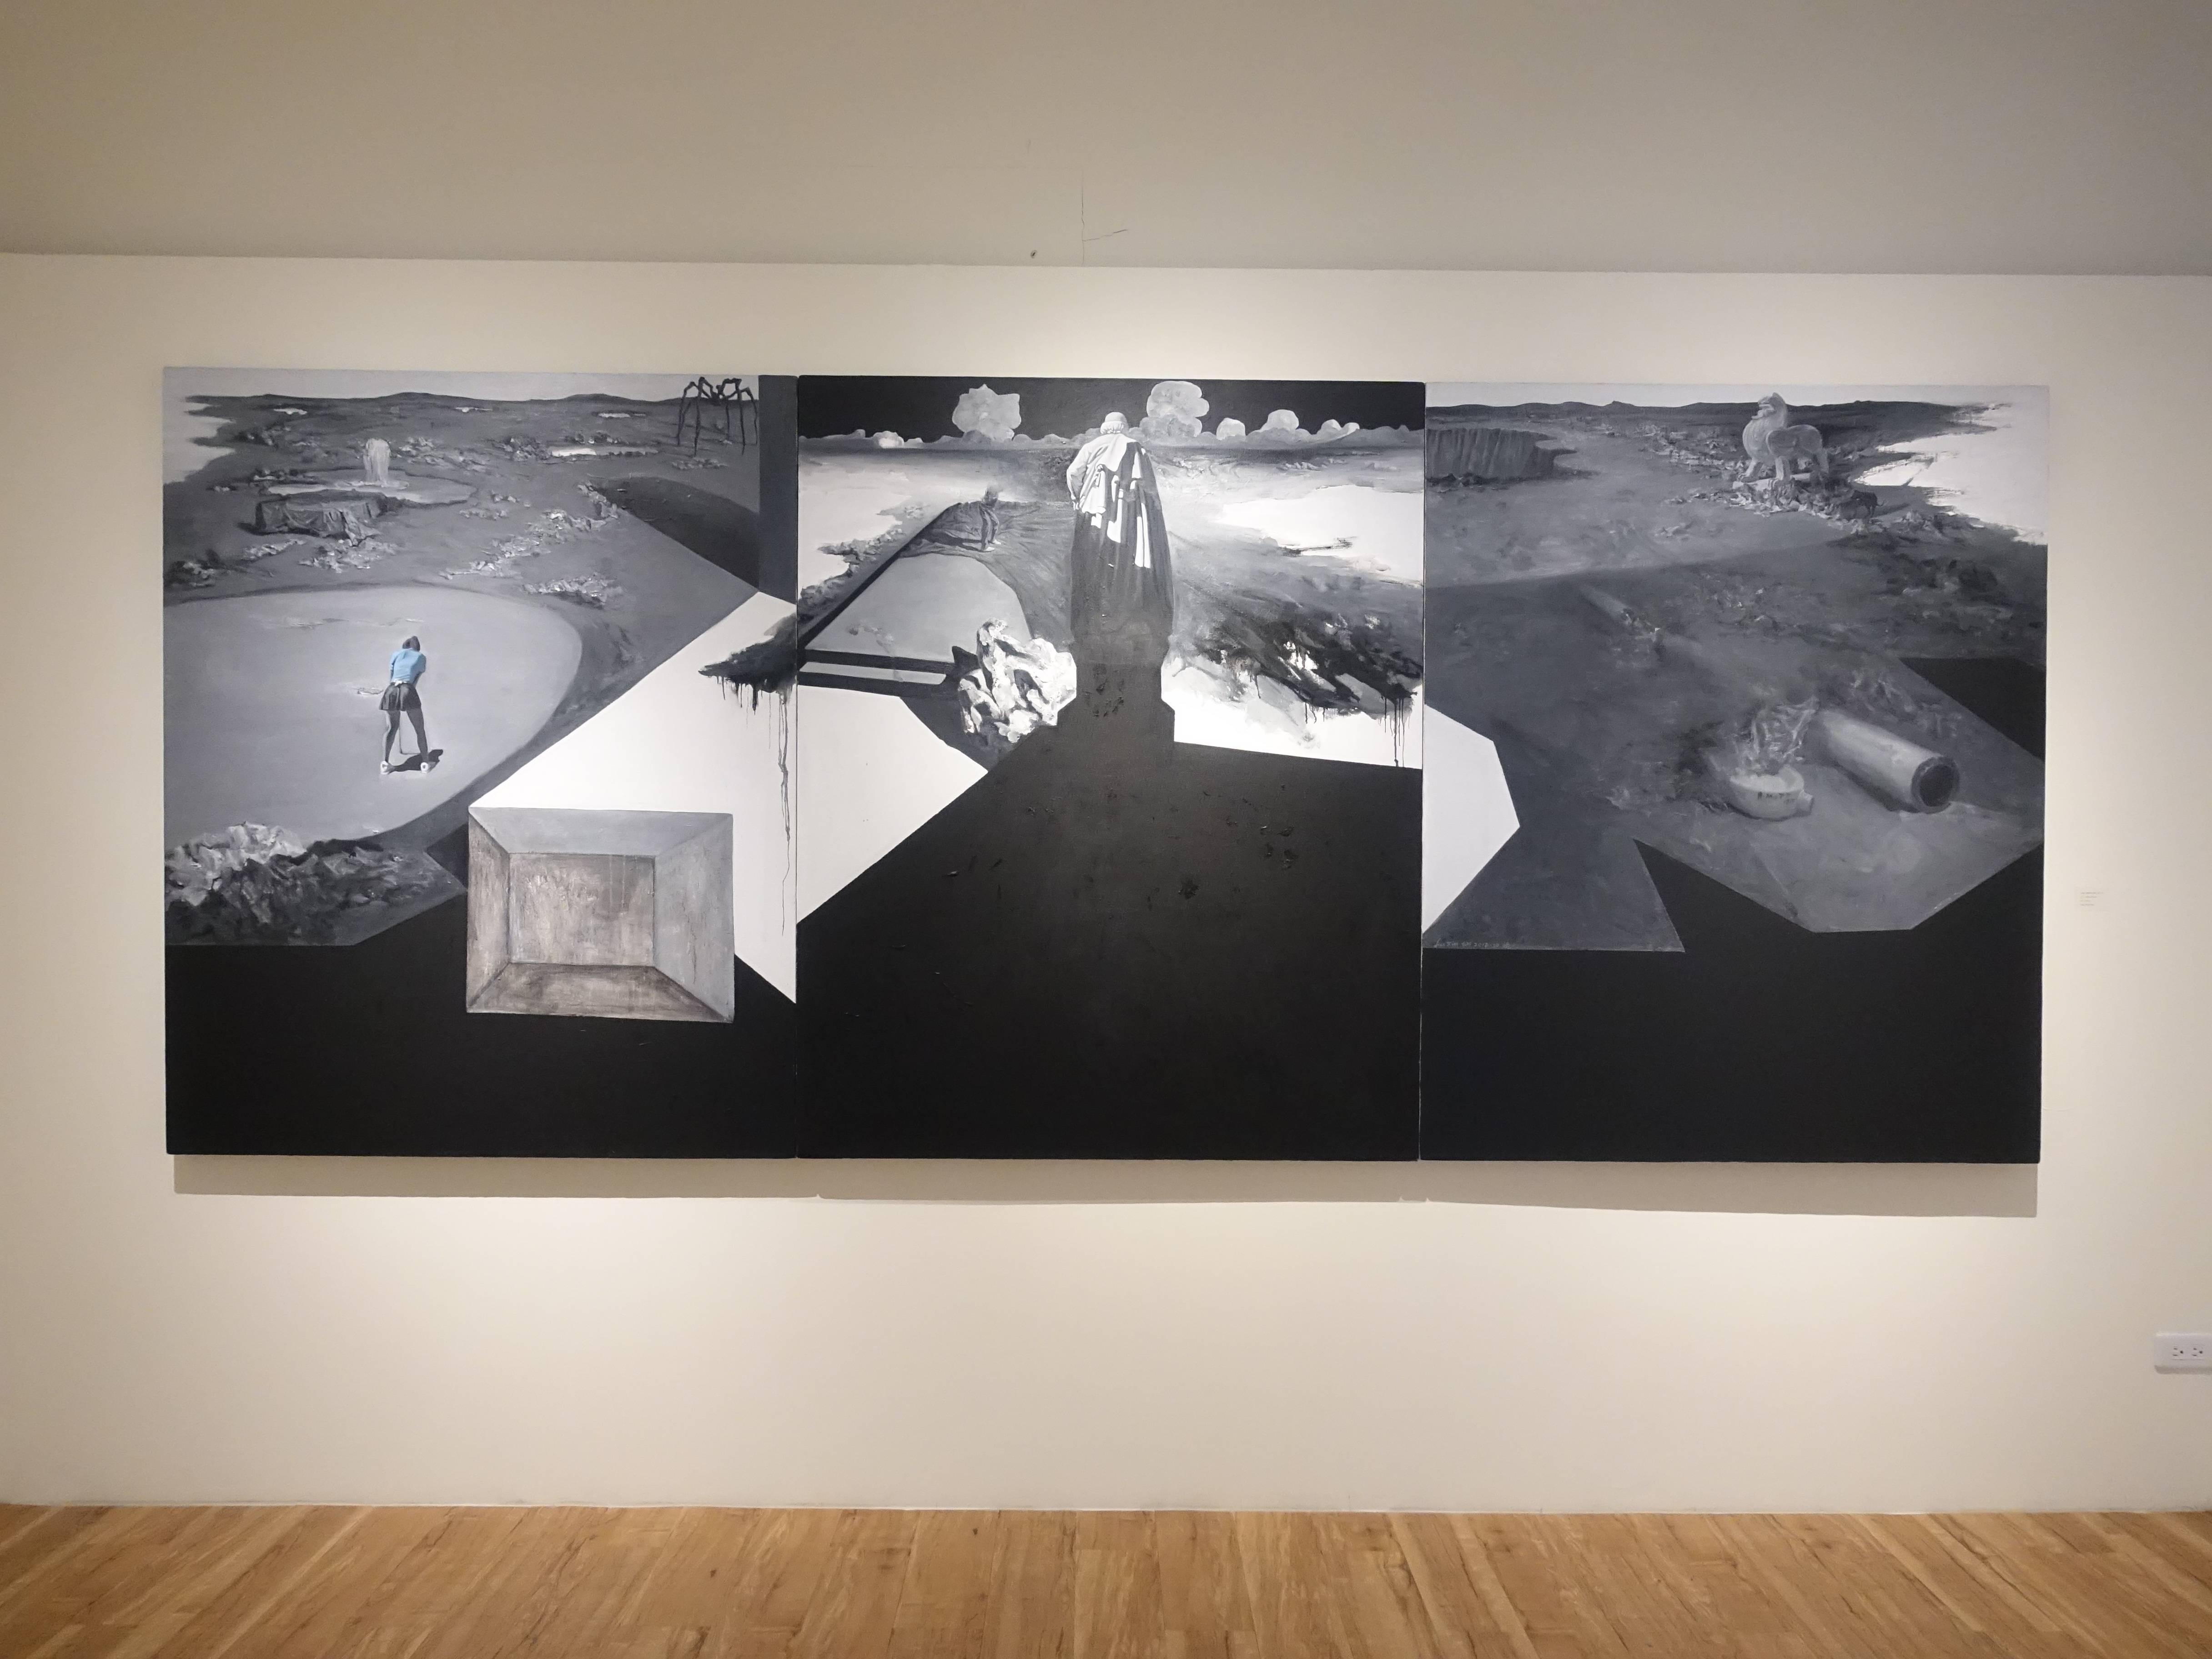 劉芯濤,《無邊的風景2018-2》,150 x 360 cm,布面油畫,2018。